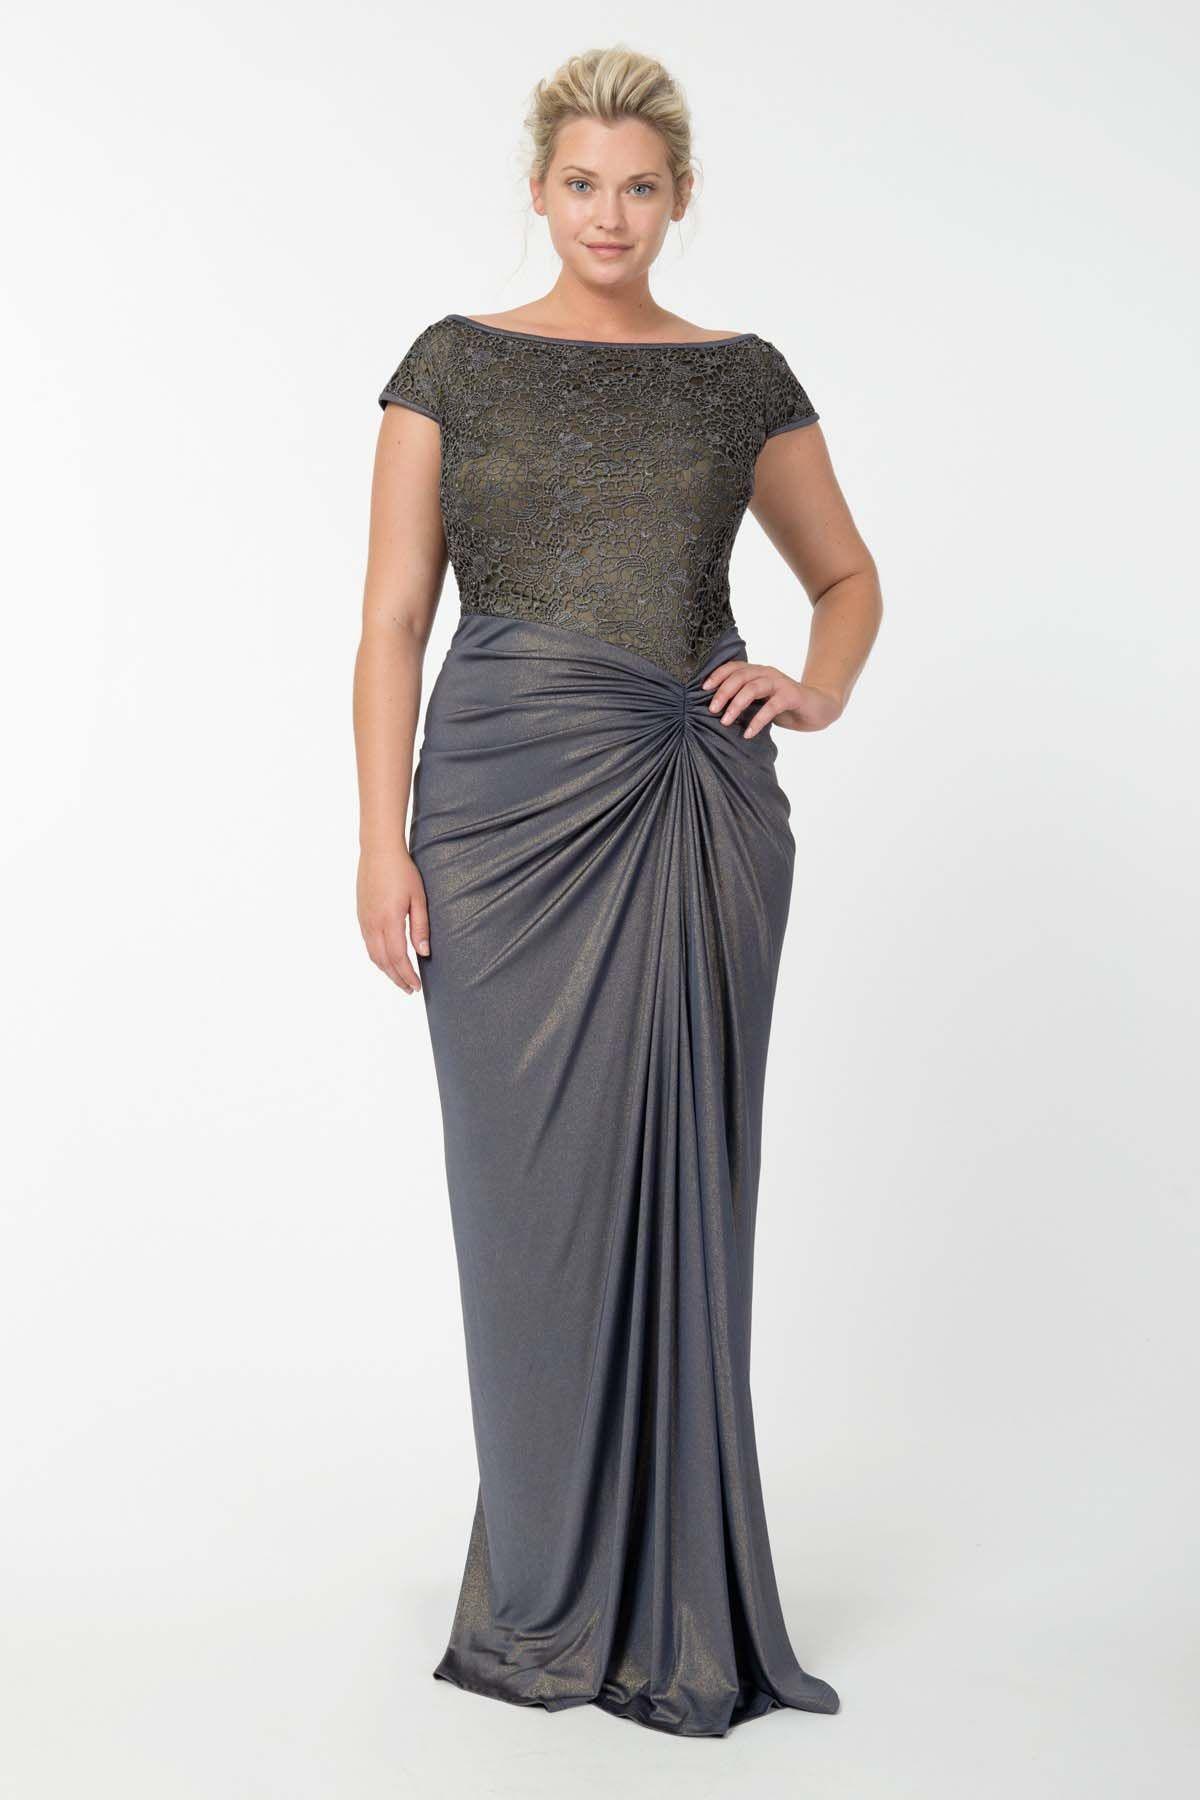 171a44aca4e Вечерние платья для полных женщин (130 фото)  больших размеров ...